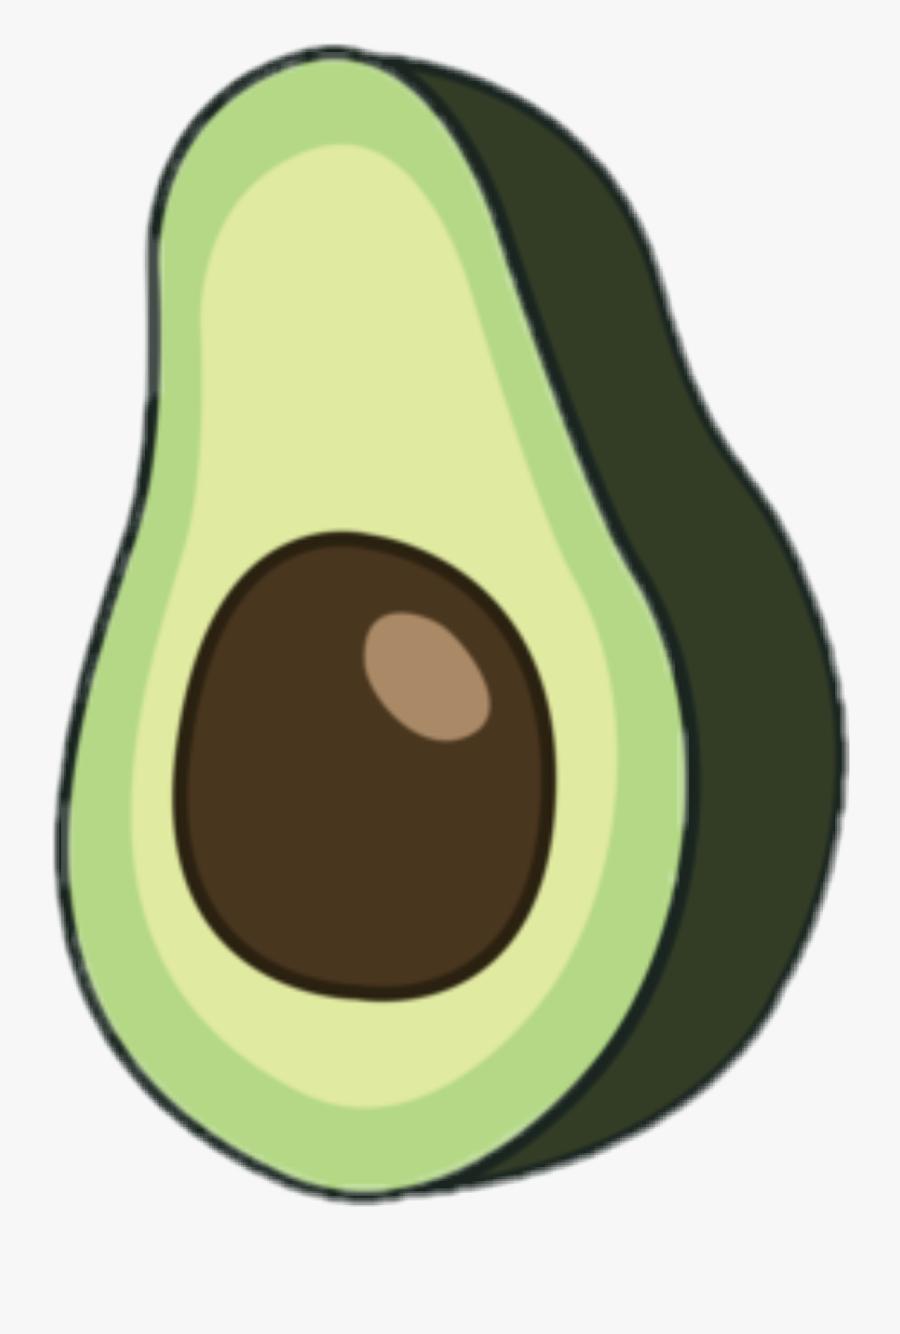 Clip Art Avocado Vector - Avocado Clipart, Transparent Clipart